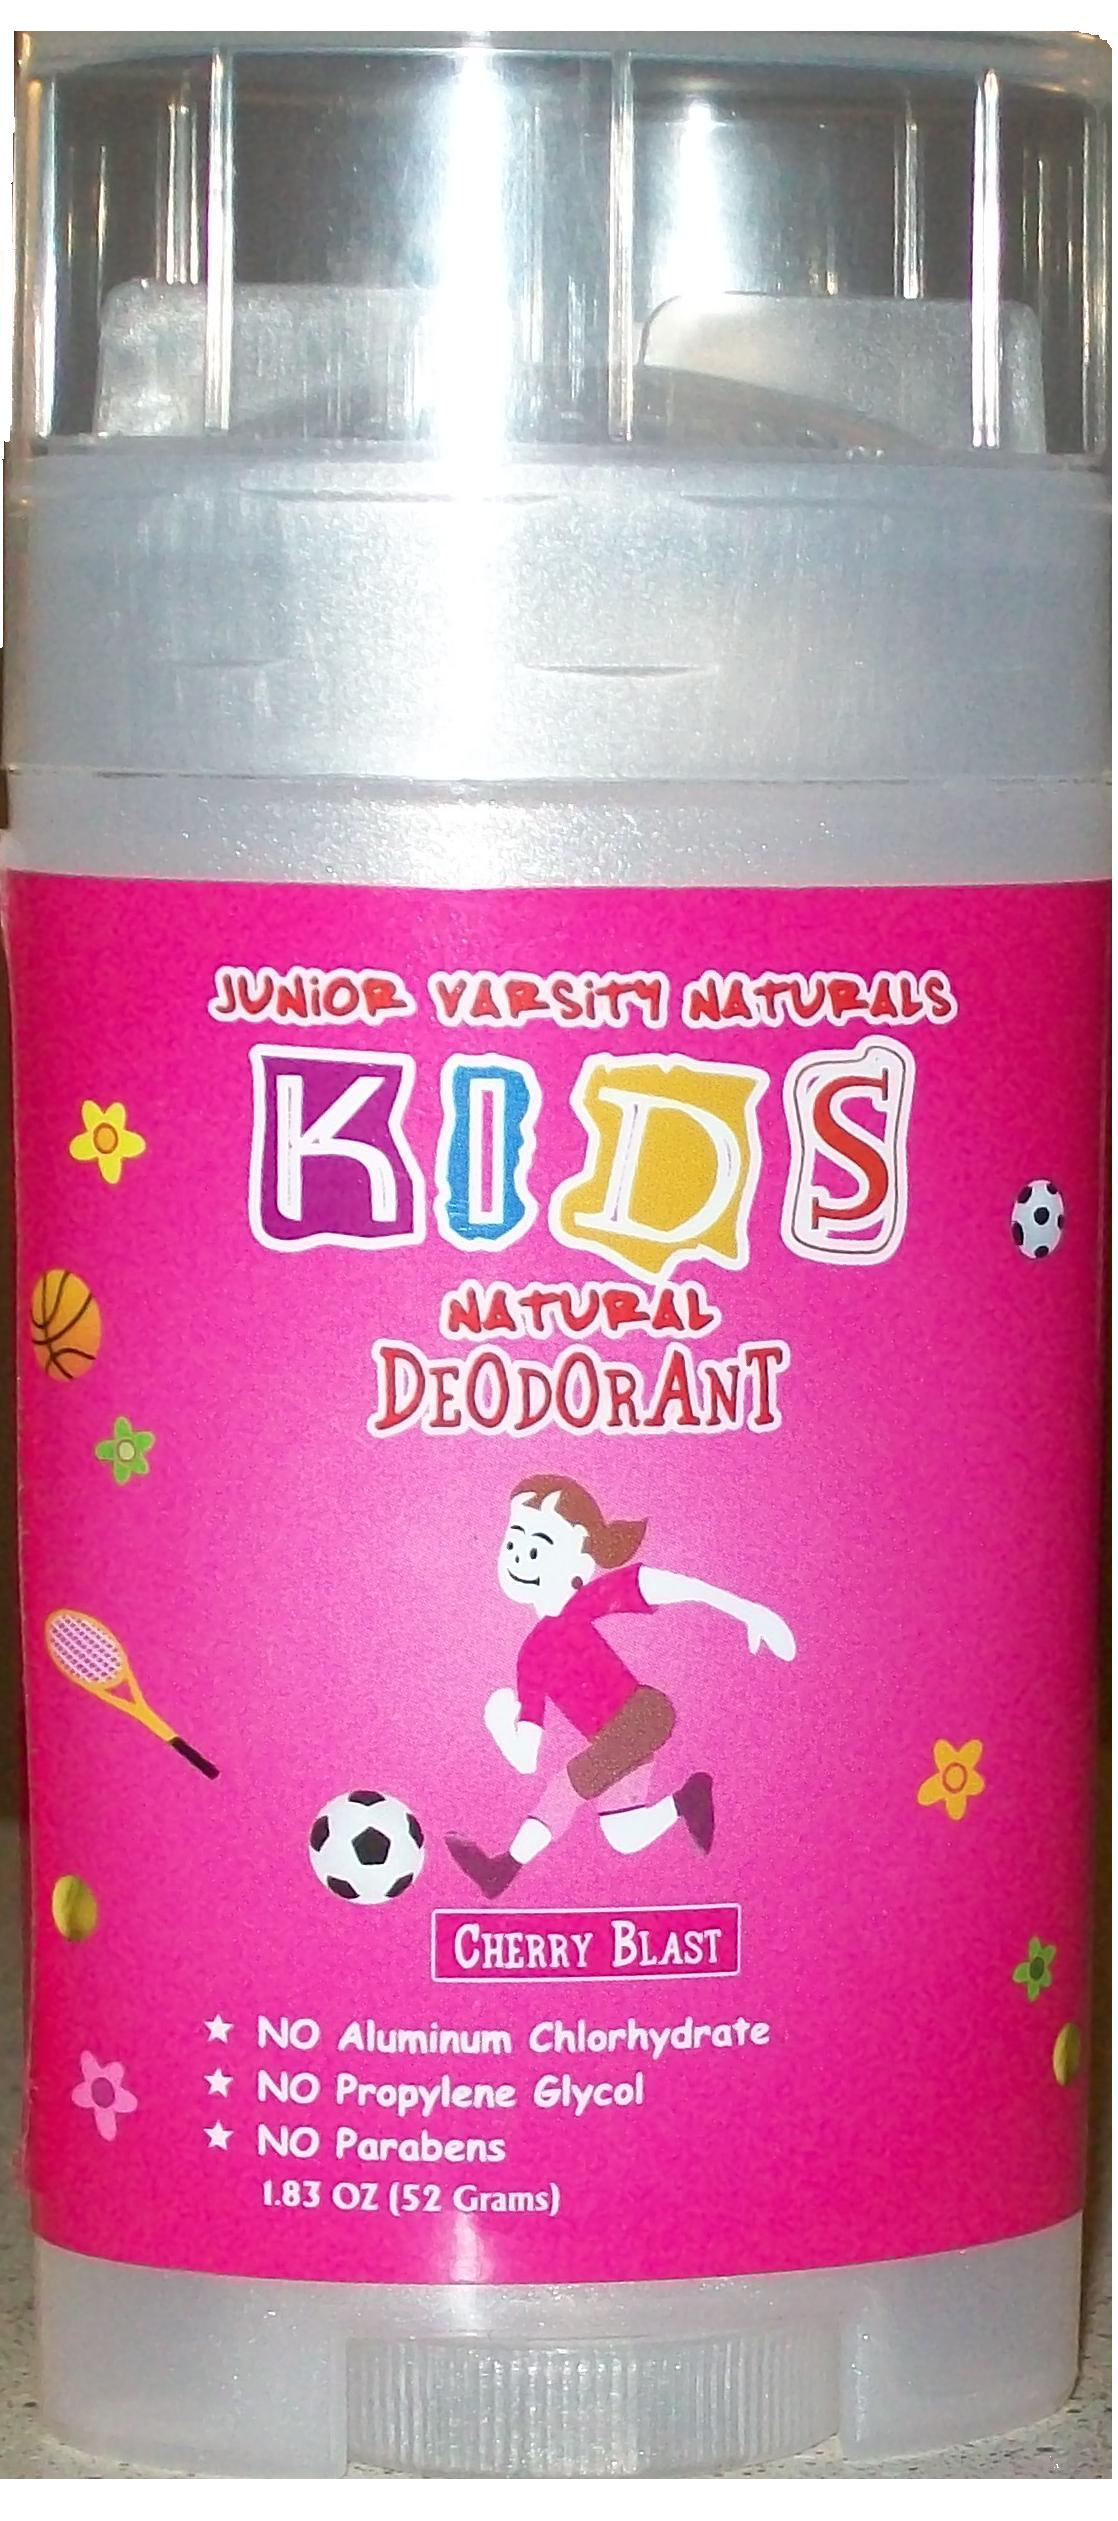 Childrens deodorant